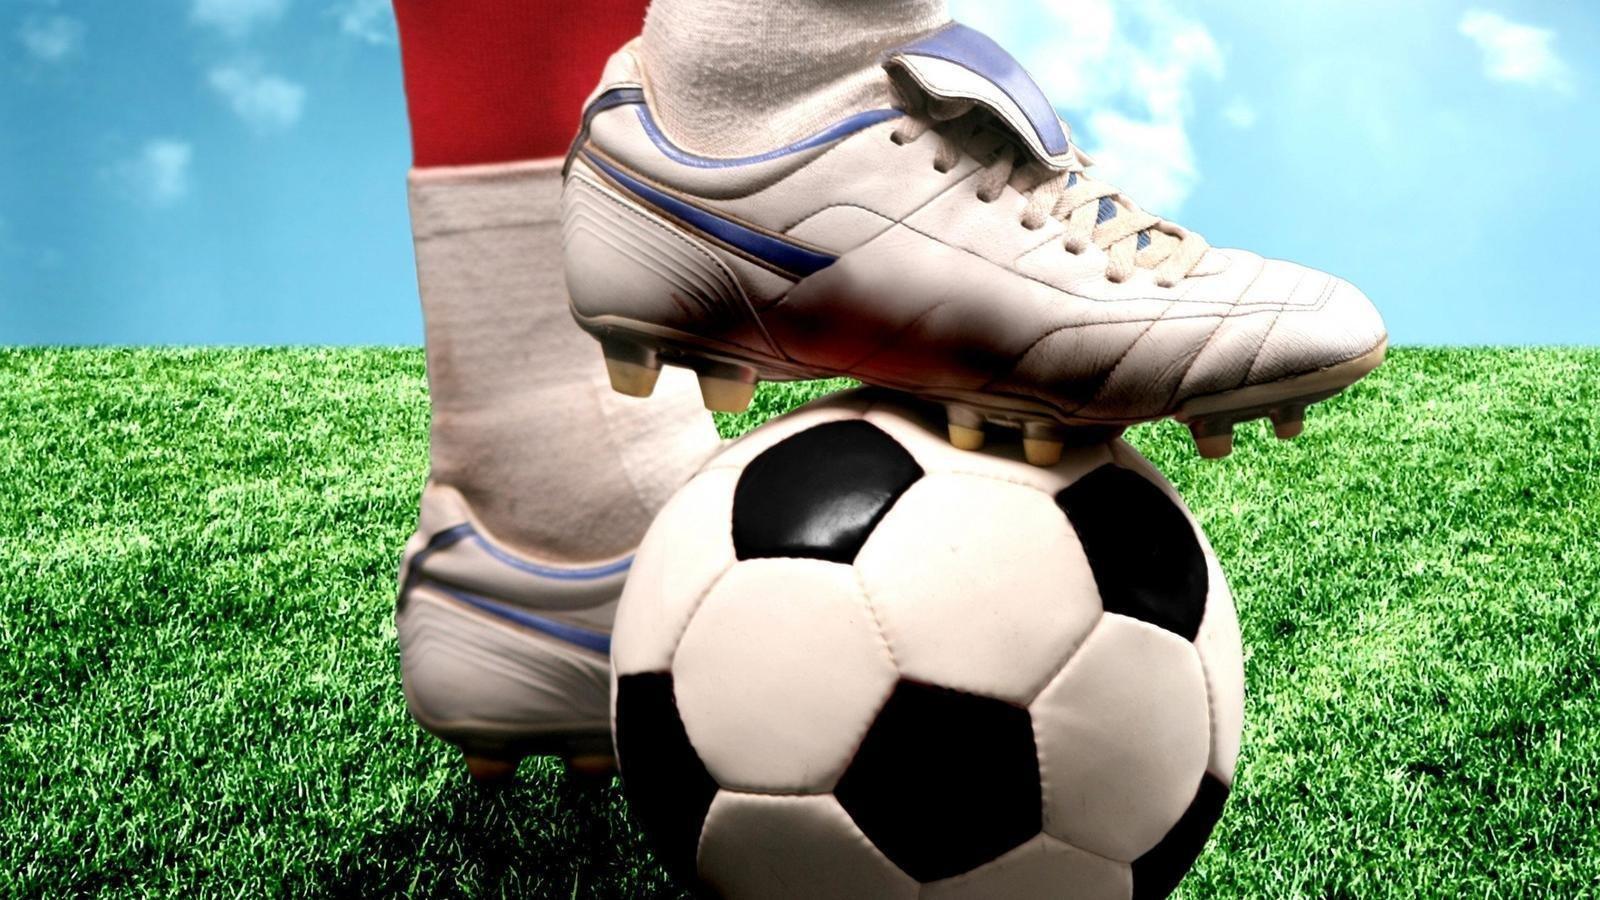 f771a5d6beeb Отличающейся от тысяч реплик футбольной обуви, качеством, лёгкостью и  надёжностью. У нас вы можете купить футбольные бутсы , которые прослужат  вам долго, ...